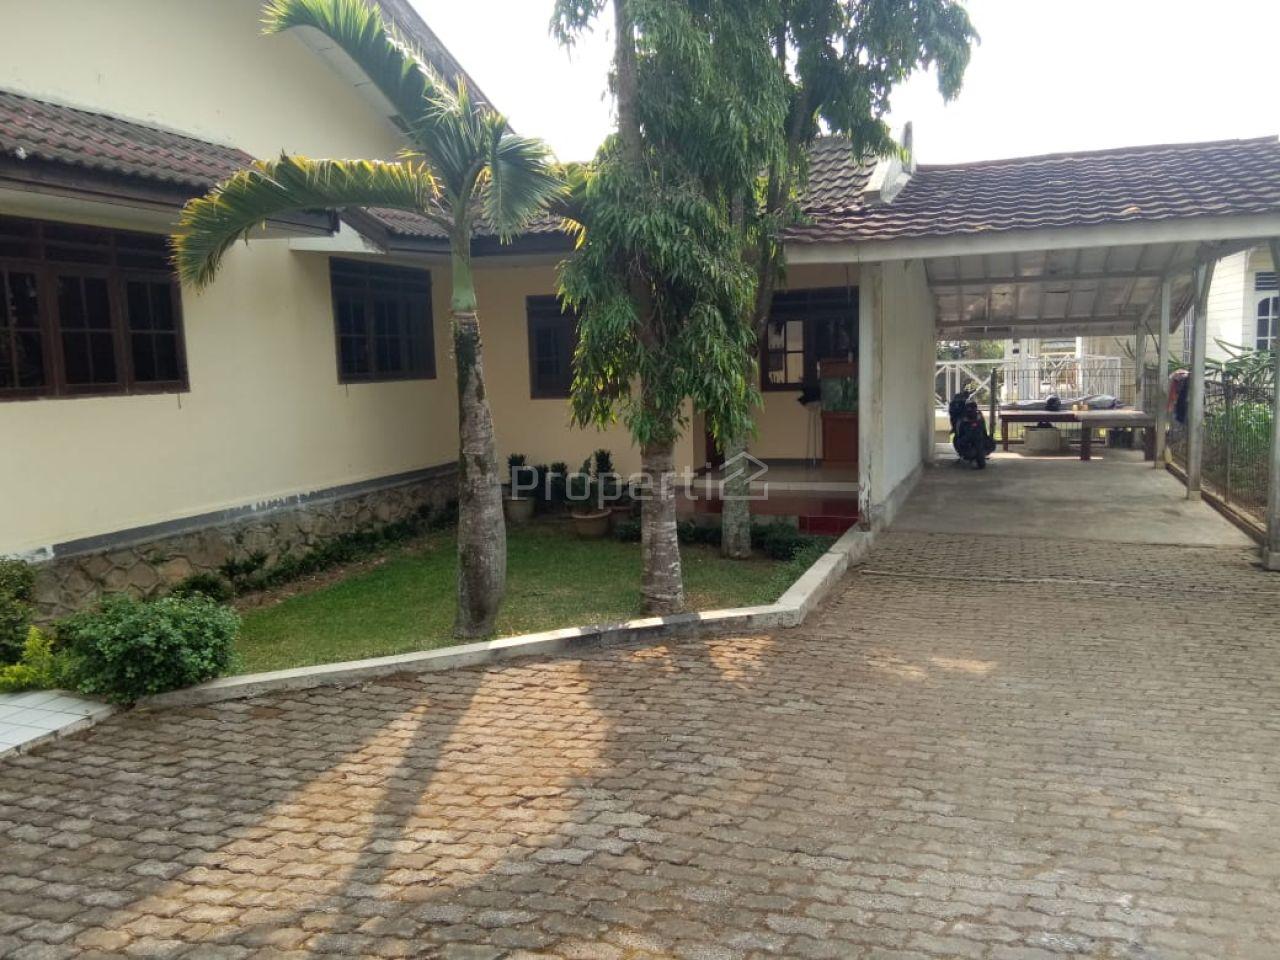 Rumah Villa dengan Taman Luas di Cisarua, Bogor, Jawa Barat